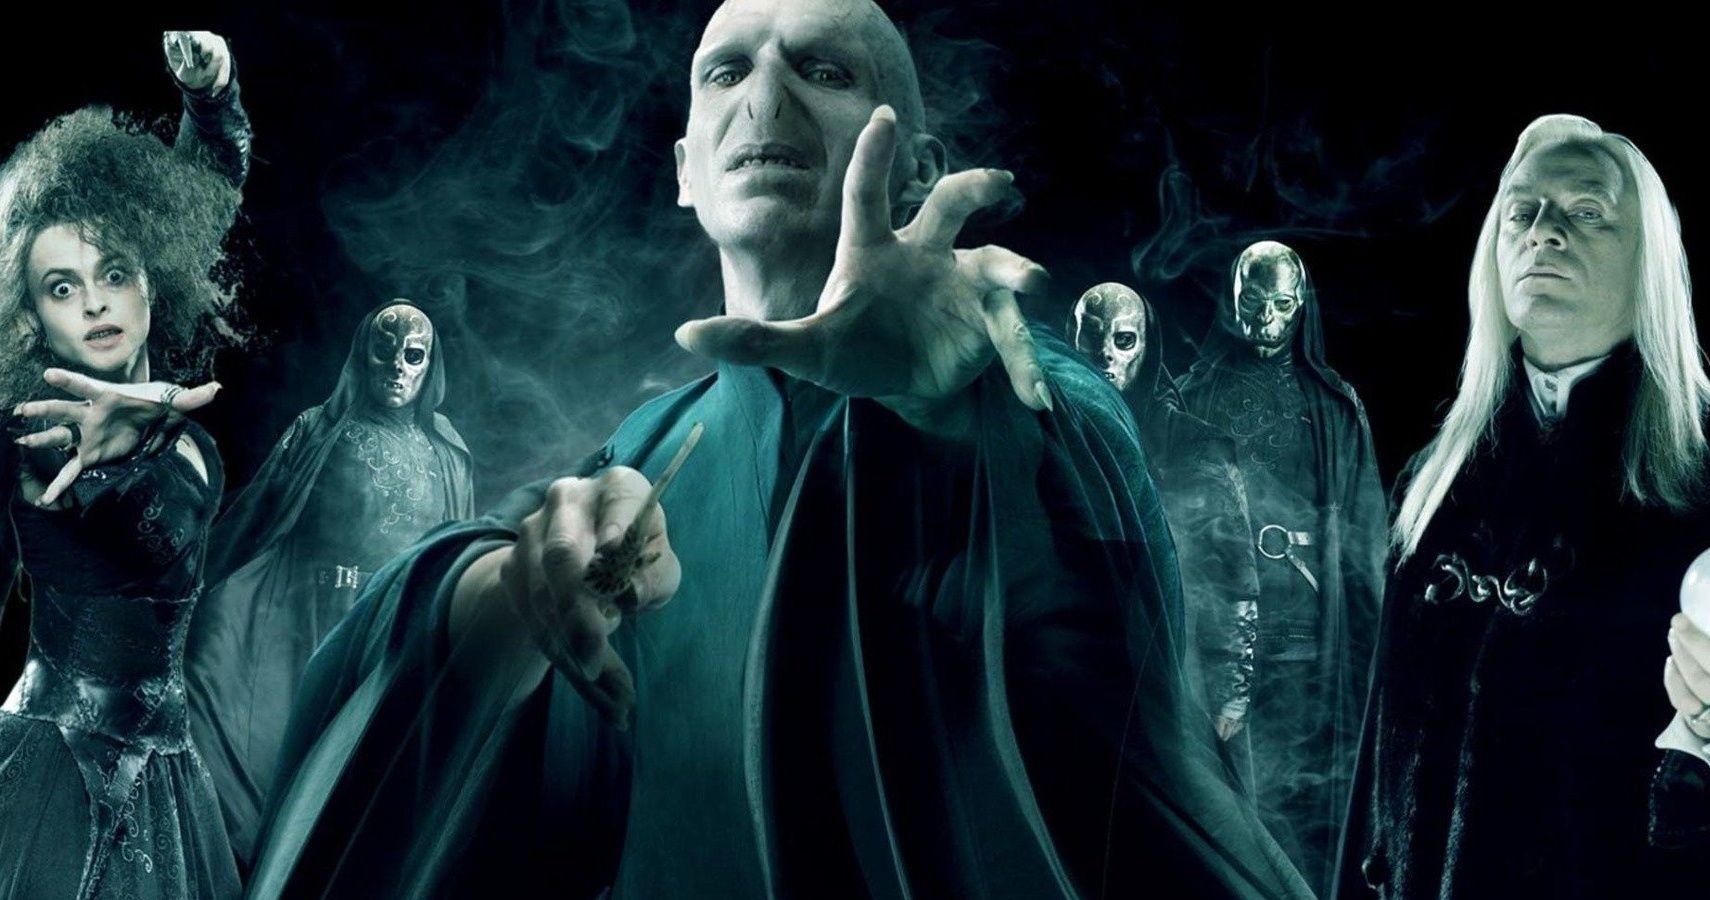 Harry Potter 3 Movie4k